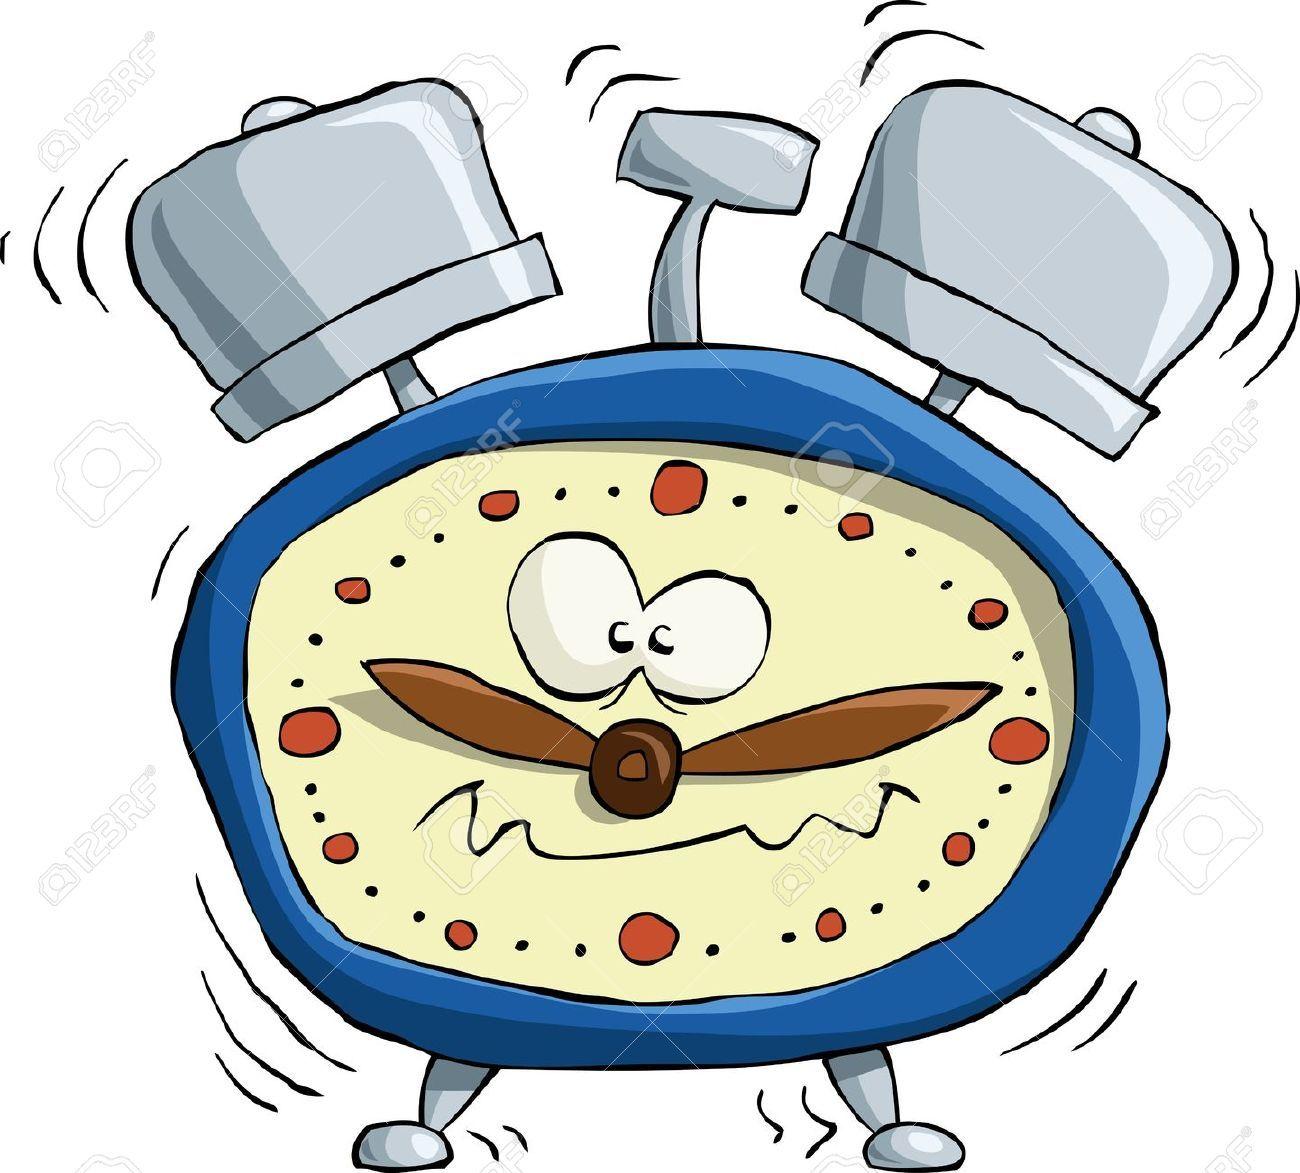 Stock Photo Reloj animado, Relojes de alarma y Ilustraciones